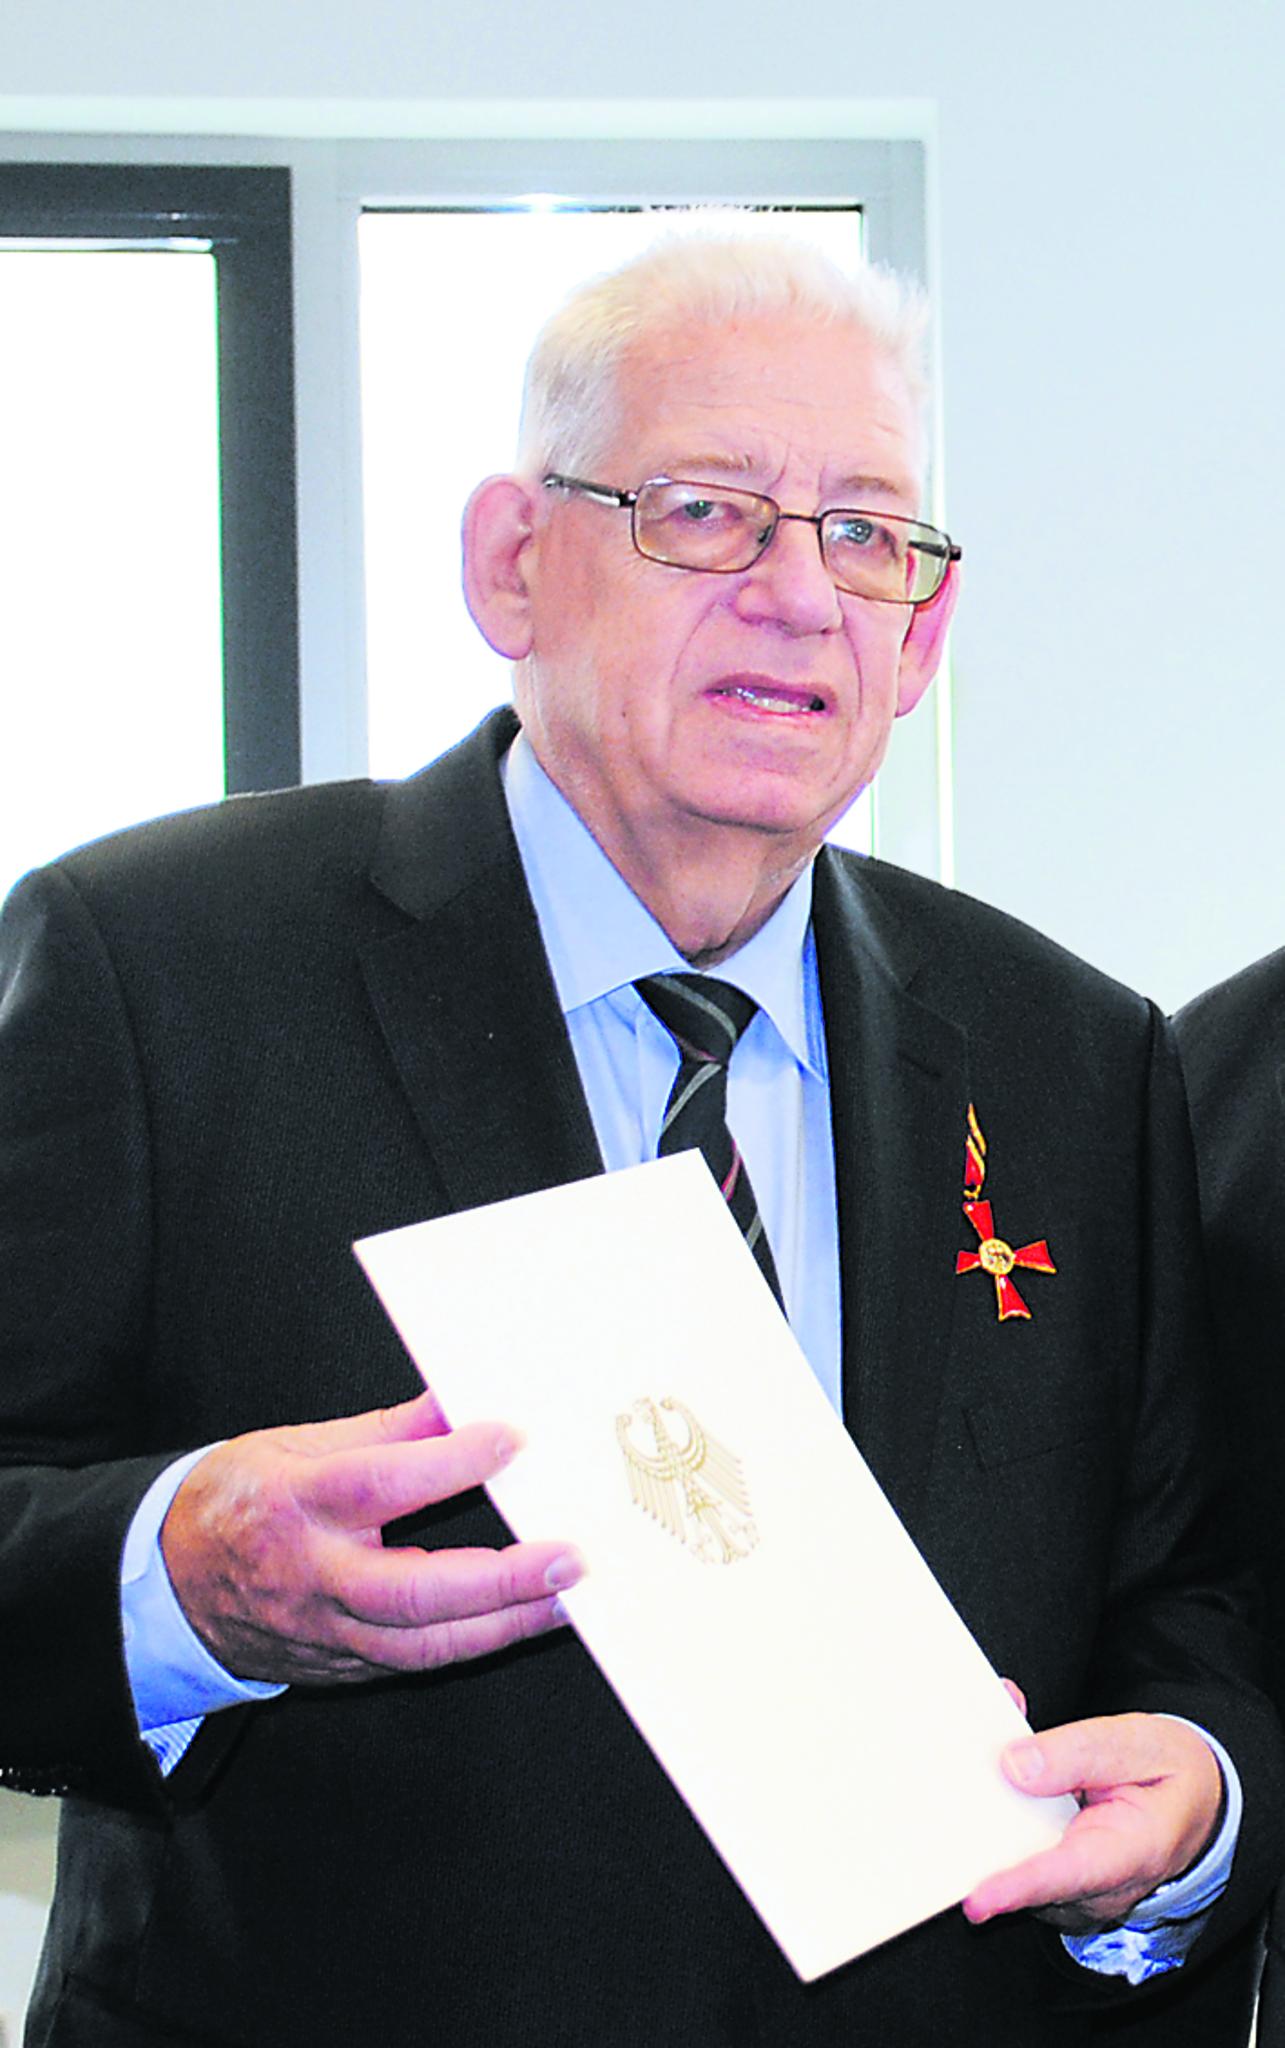 Der SPD-Politiker ist im Alter von 75 Jahren gestorben                                                                  Ein Nachruf auf Hans-Uwe Hansen